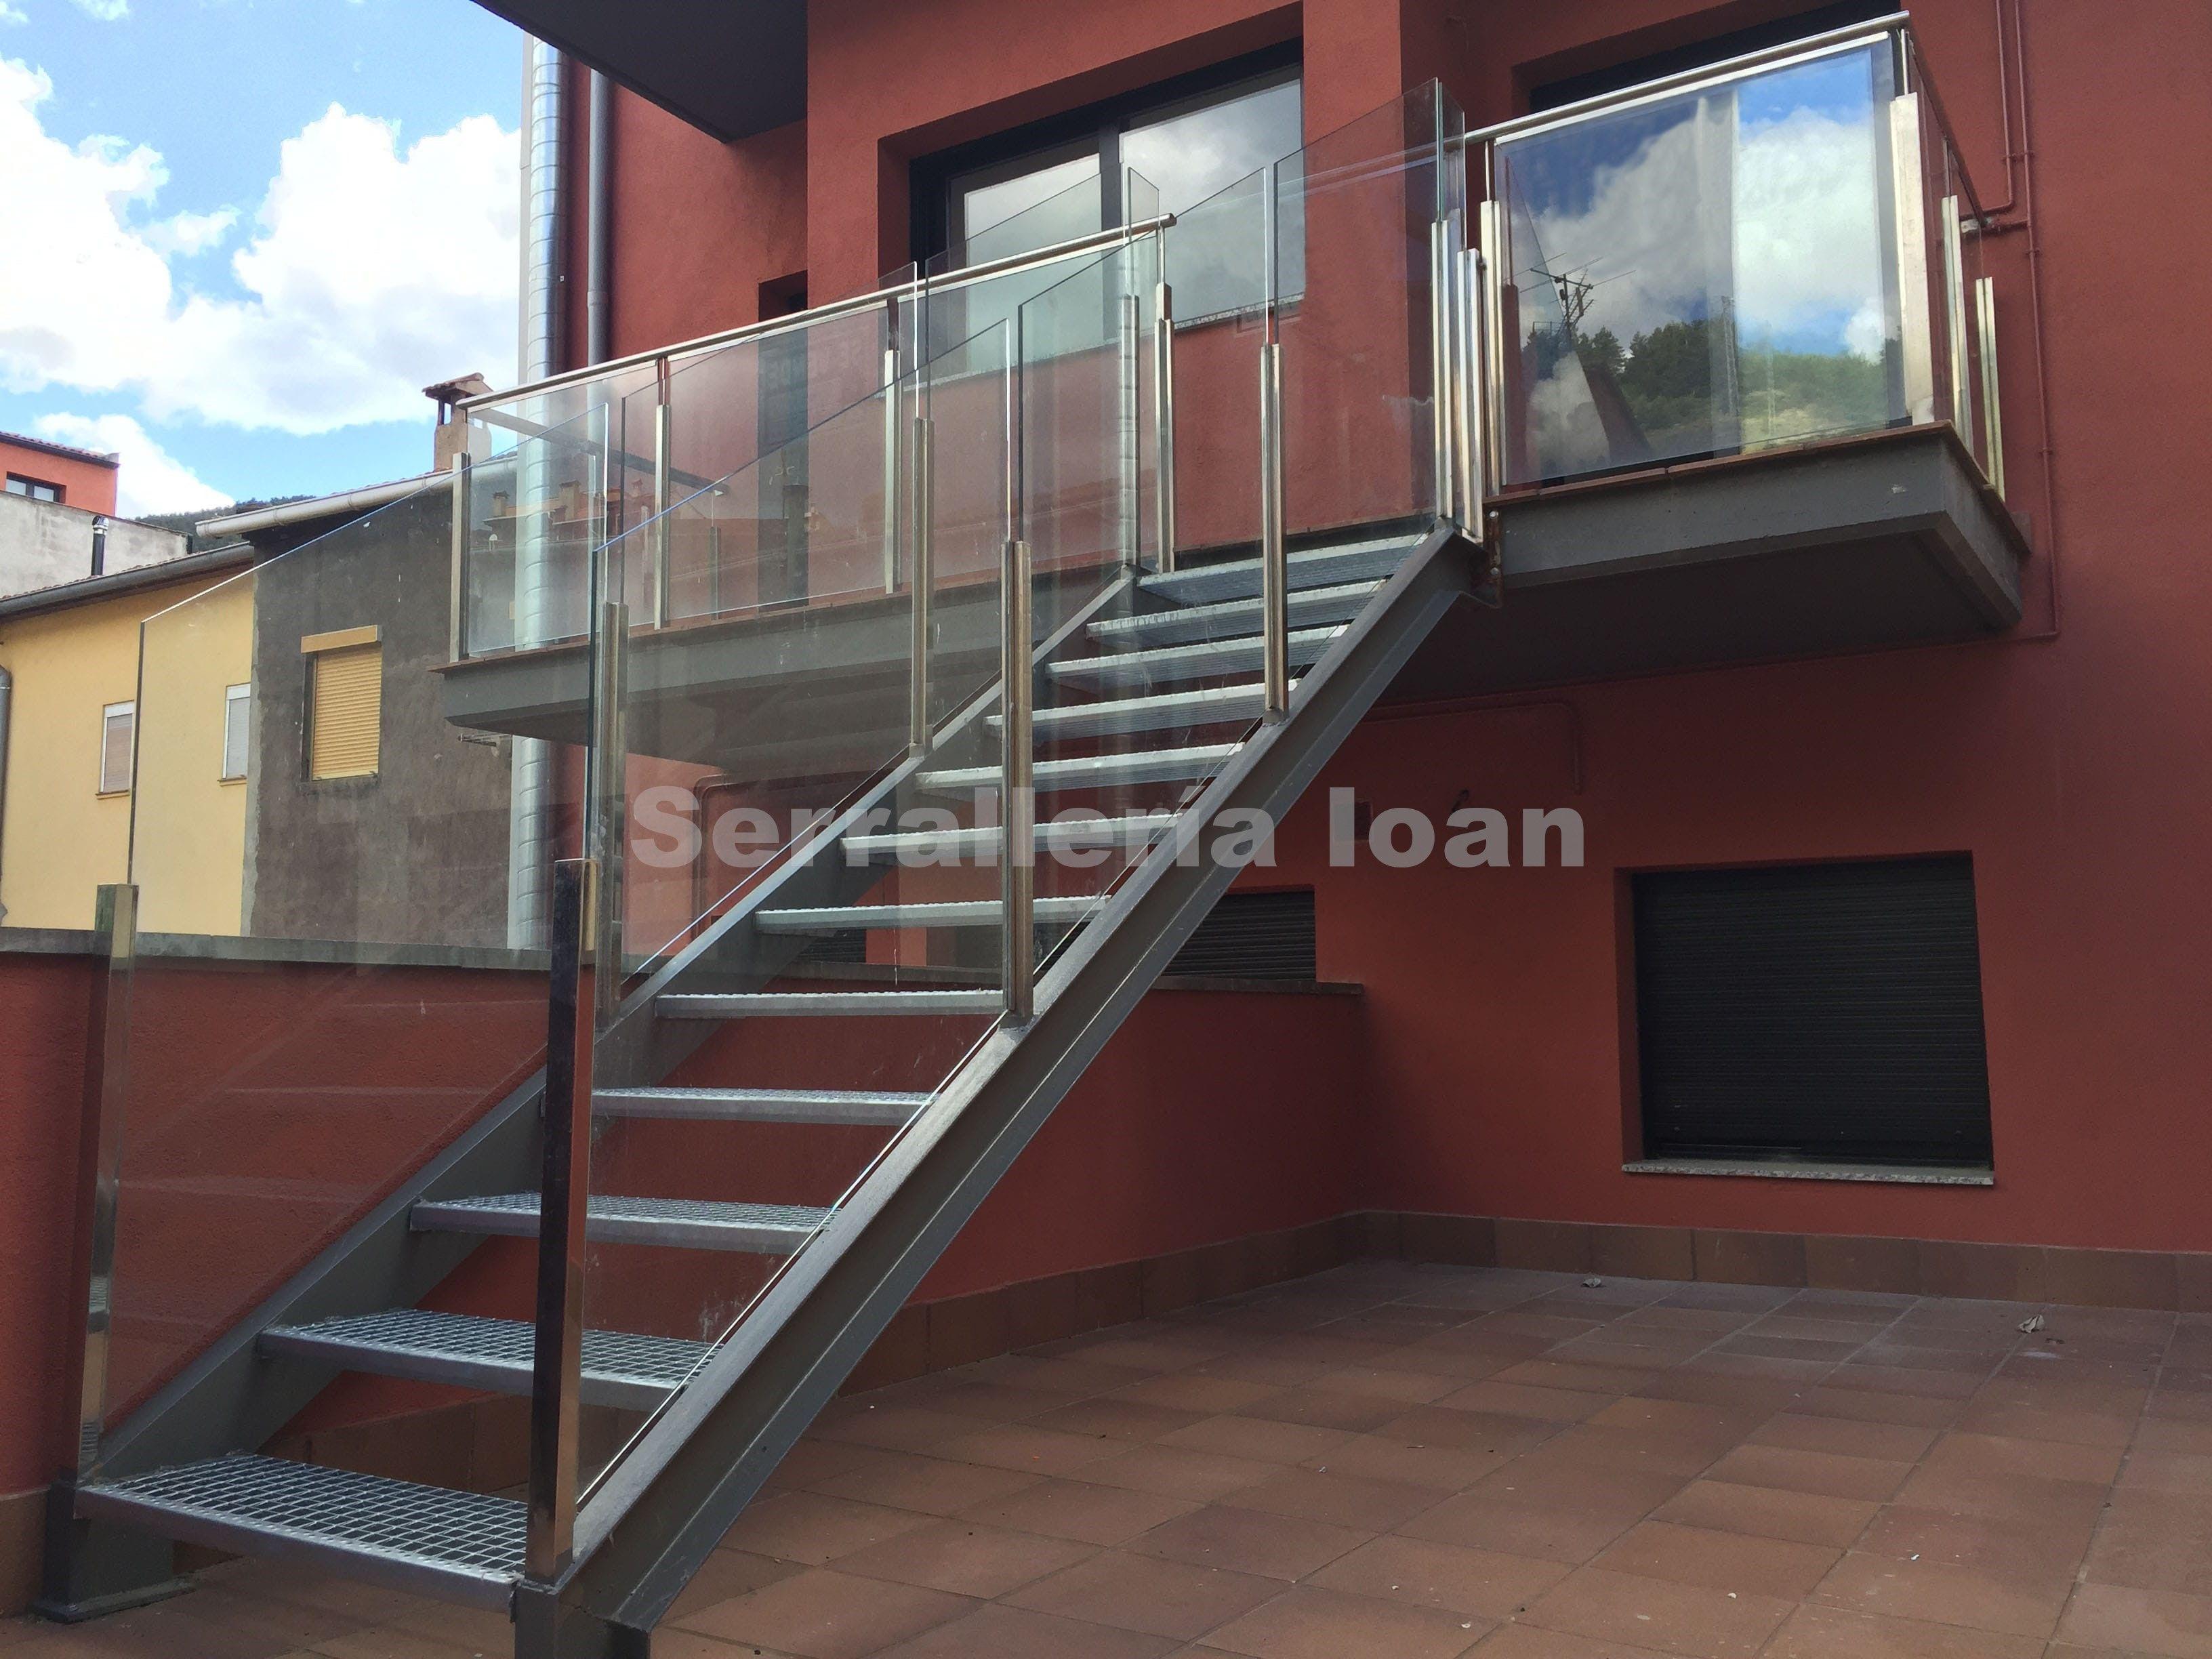 Escalera con barandilla inoxidable: Productos y servicios de Serrallería Ioan